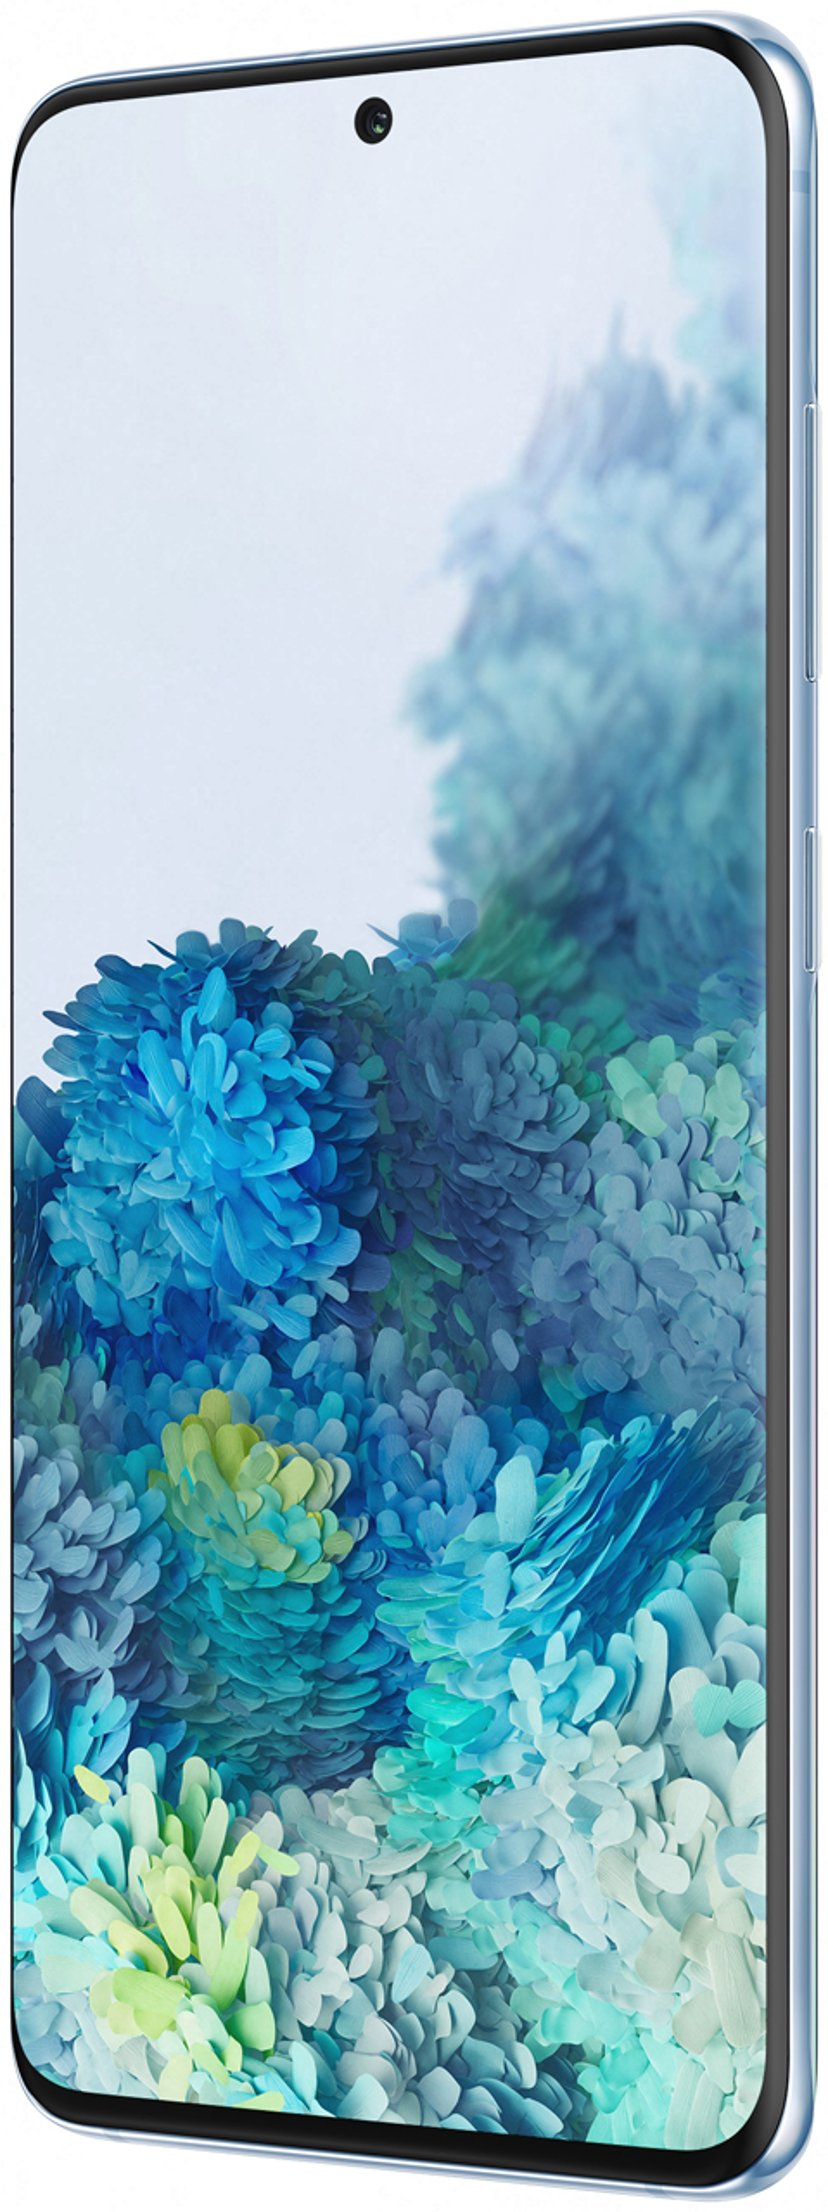 Samsung Galaxy S20 5G 128GB Dual-SIM Hemelsblauw